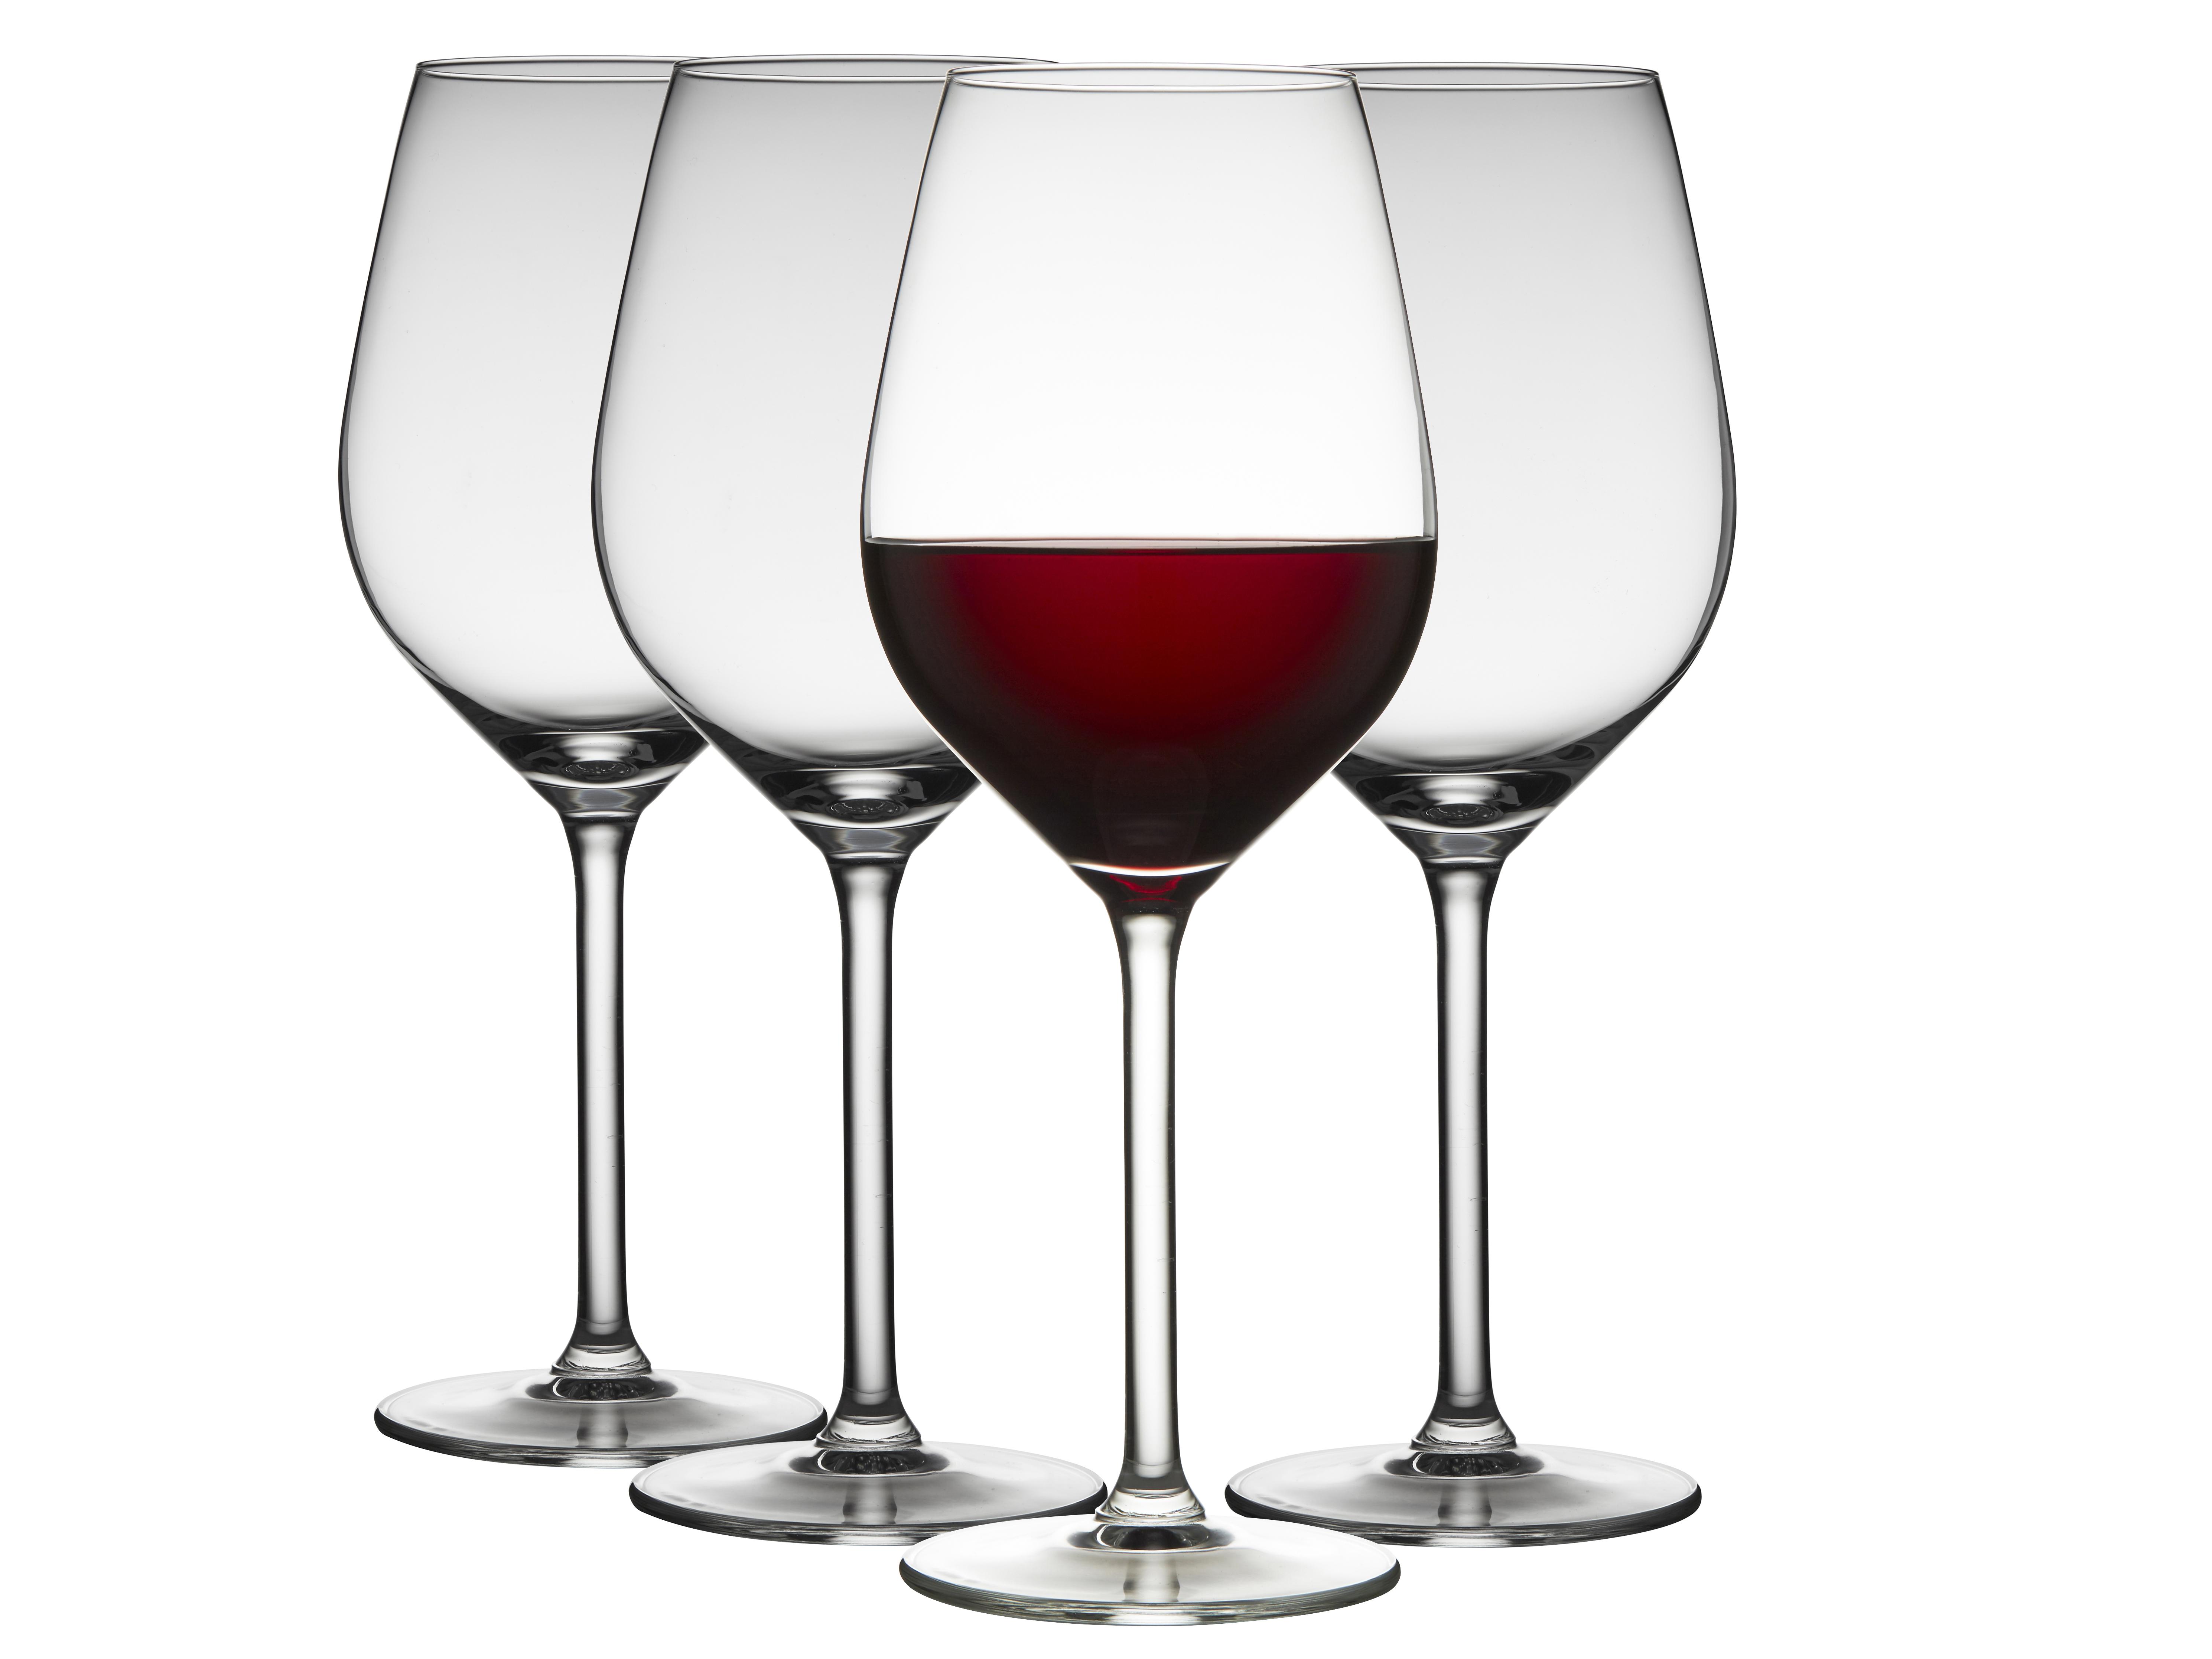 Lyngby-Glas Juvel rødvinsglas, 500 ml, 4 stk